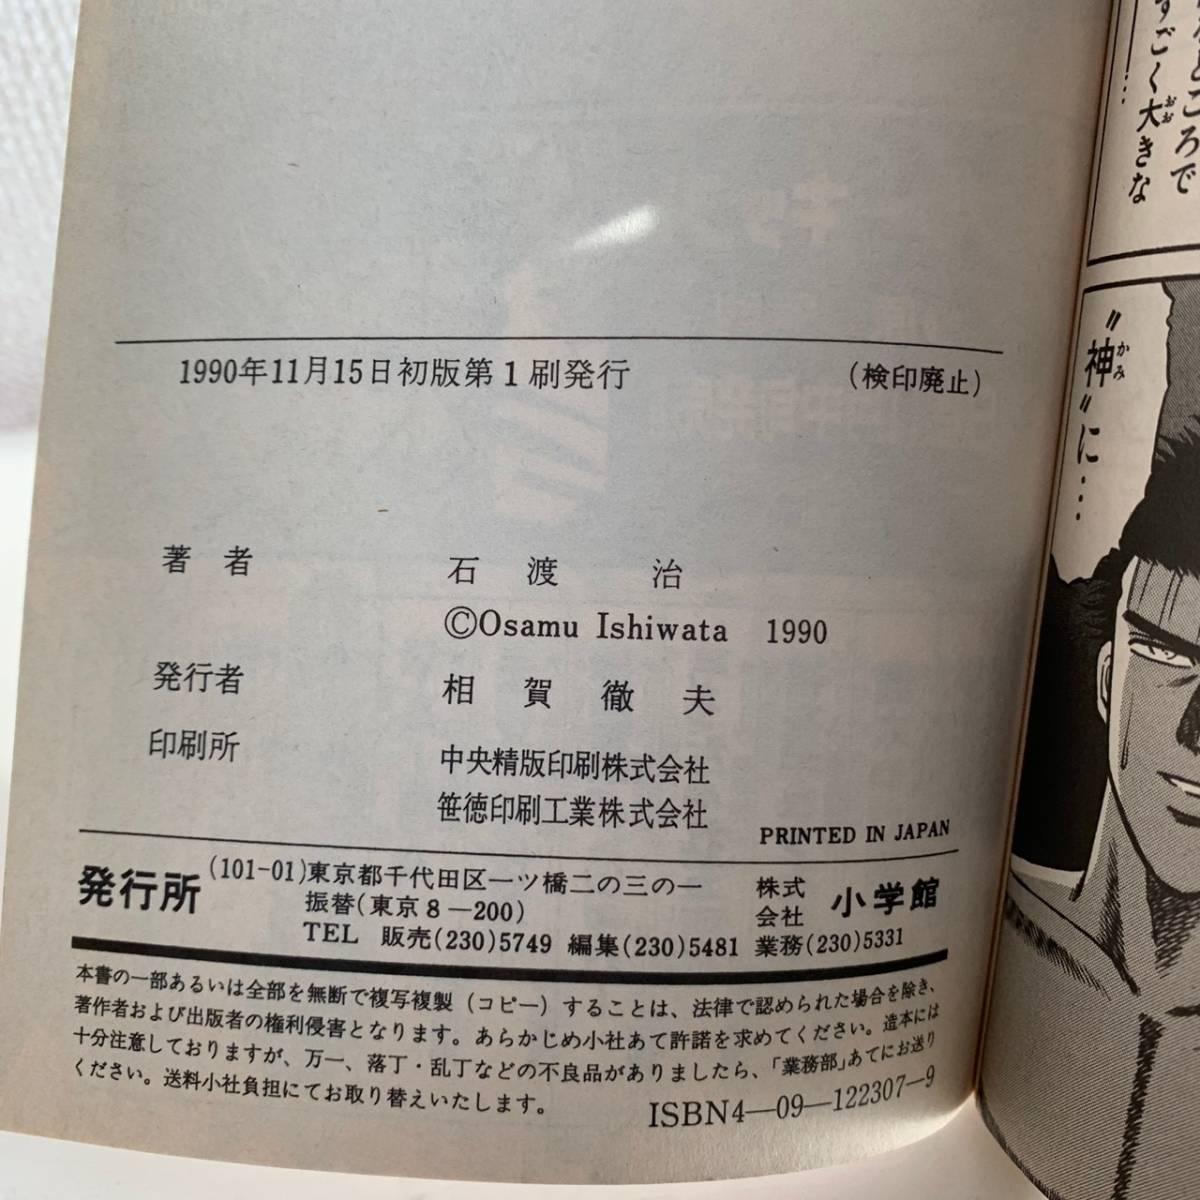 190215◇み1【コミック】B・B burning blood 27巻 初版 BB ビービー 石渡治 少年サンデーコミックス 小学館_画像3